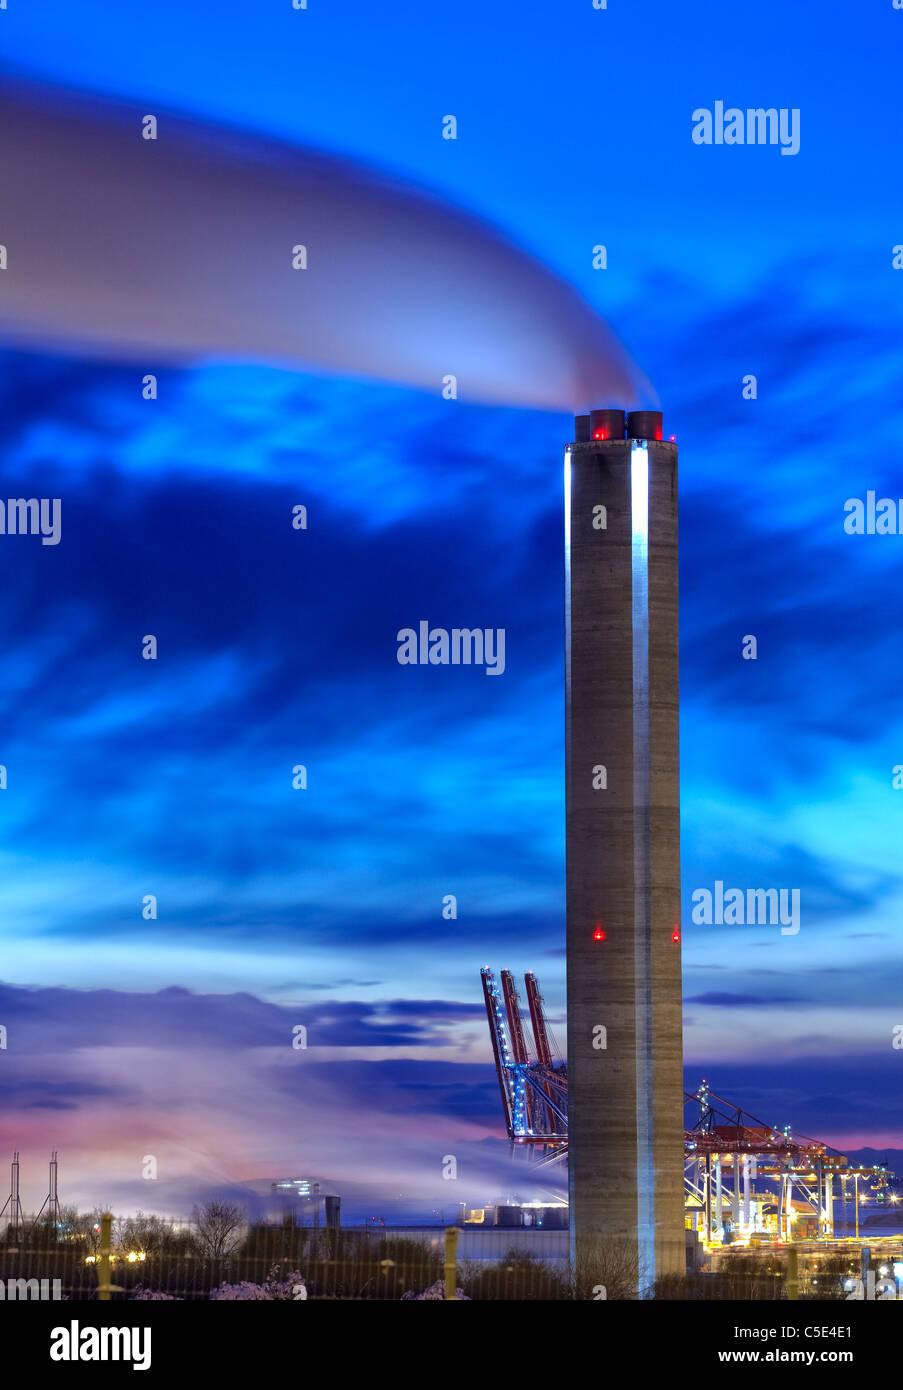 Factory chimney emitting smoke against dramatic blue sky at dusk Stock Photo